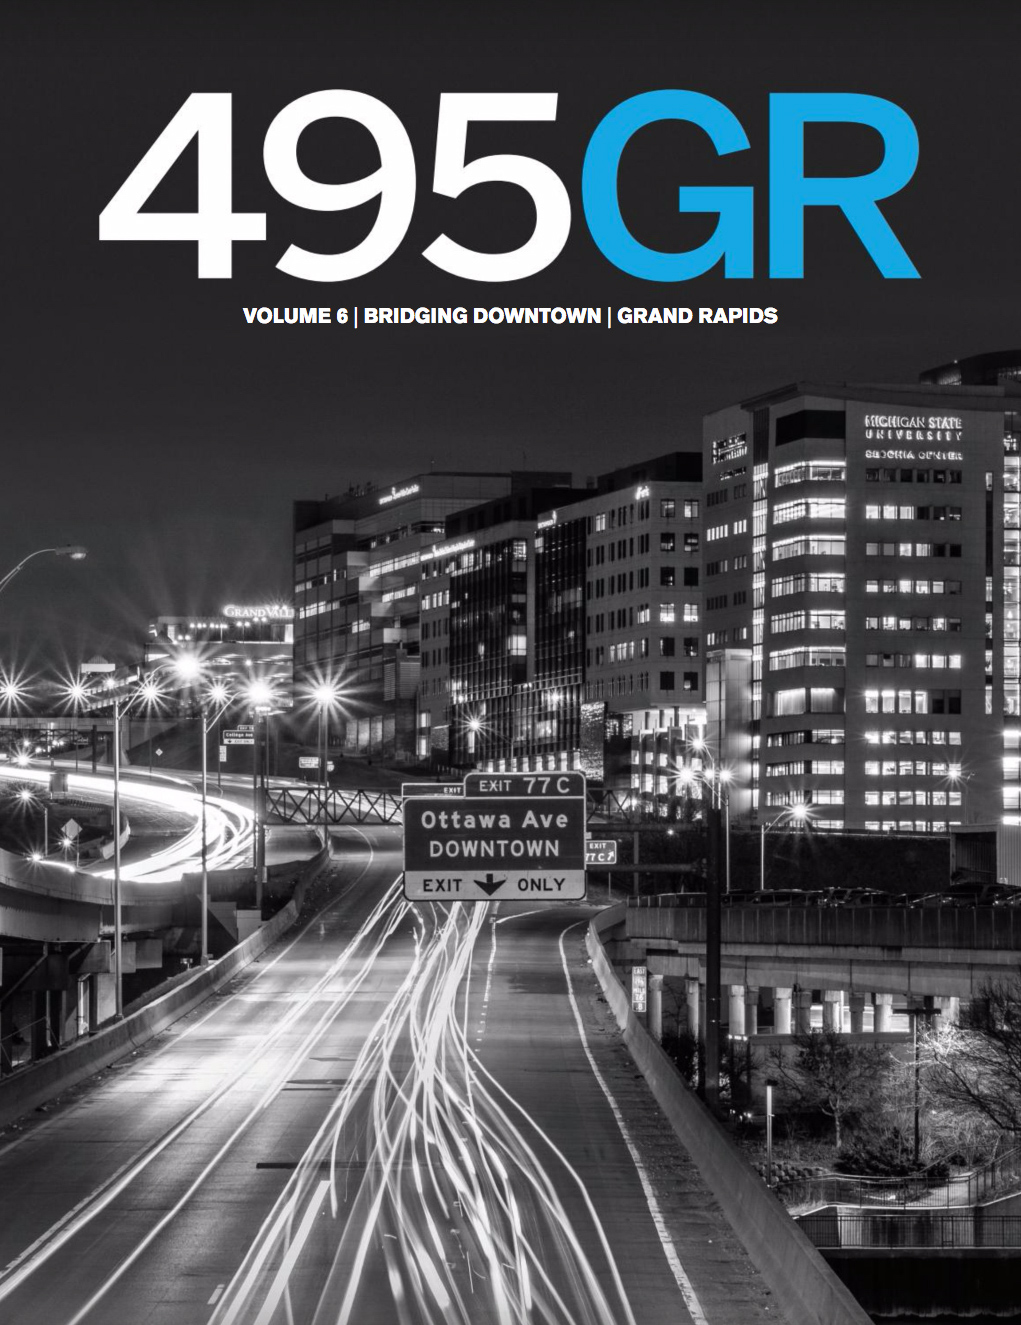 495GR – Vol. 6